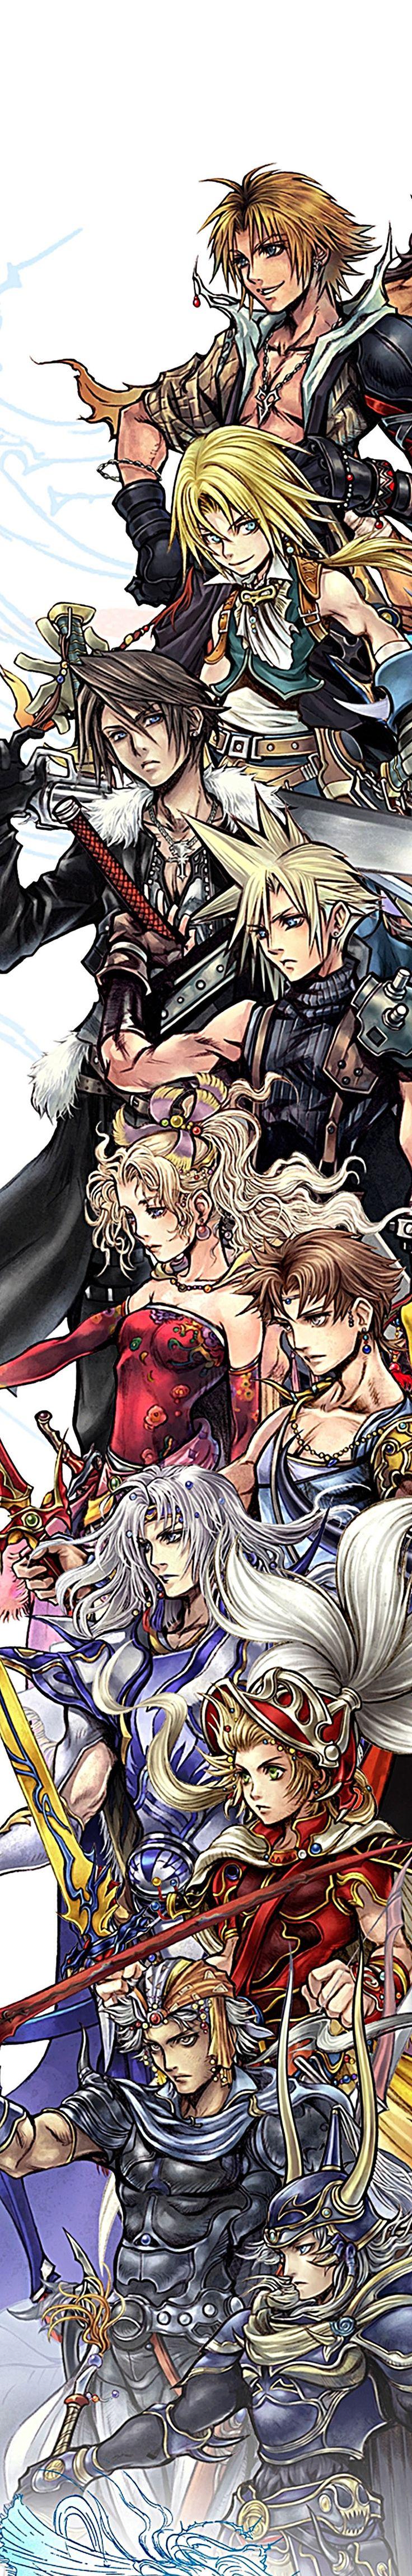 I ❤️ final fantasy!!  Final Fantasy - Dissidia / Fight / RPG / Playstation / Villains Heroes / Videogame Like us on Facebook https://www.facebook.com/hugegamezone